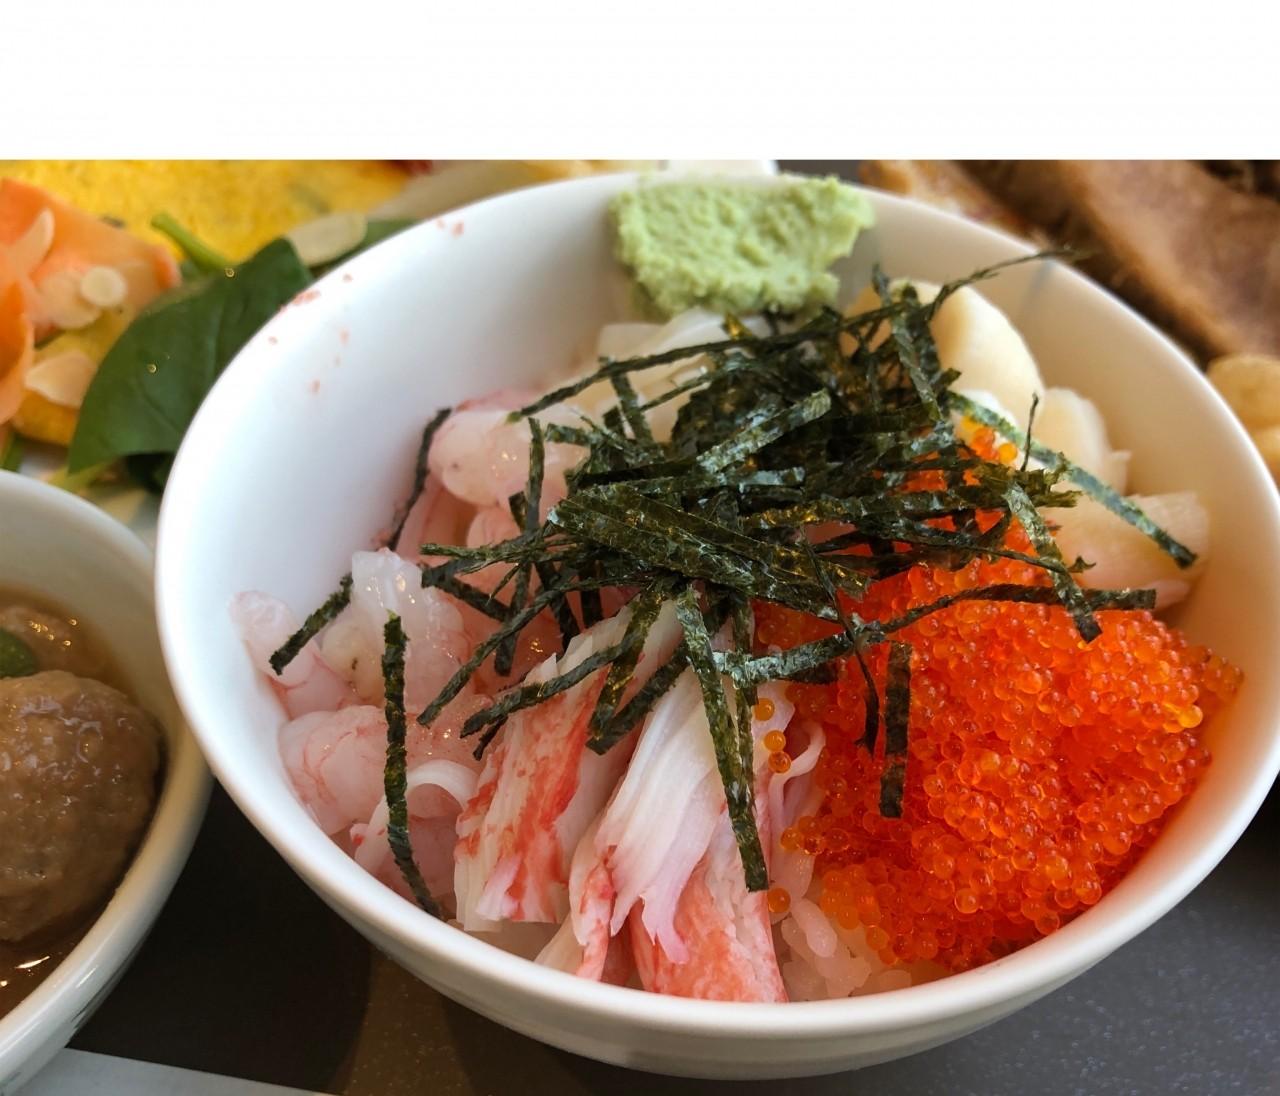 金沢旅行~旅好きが選ぶ!朝食のおいしいホテル 2年連続5位の朝食はこちら☆~